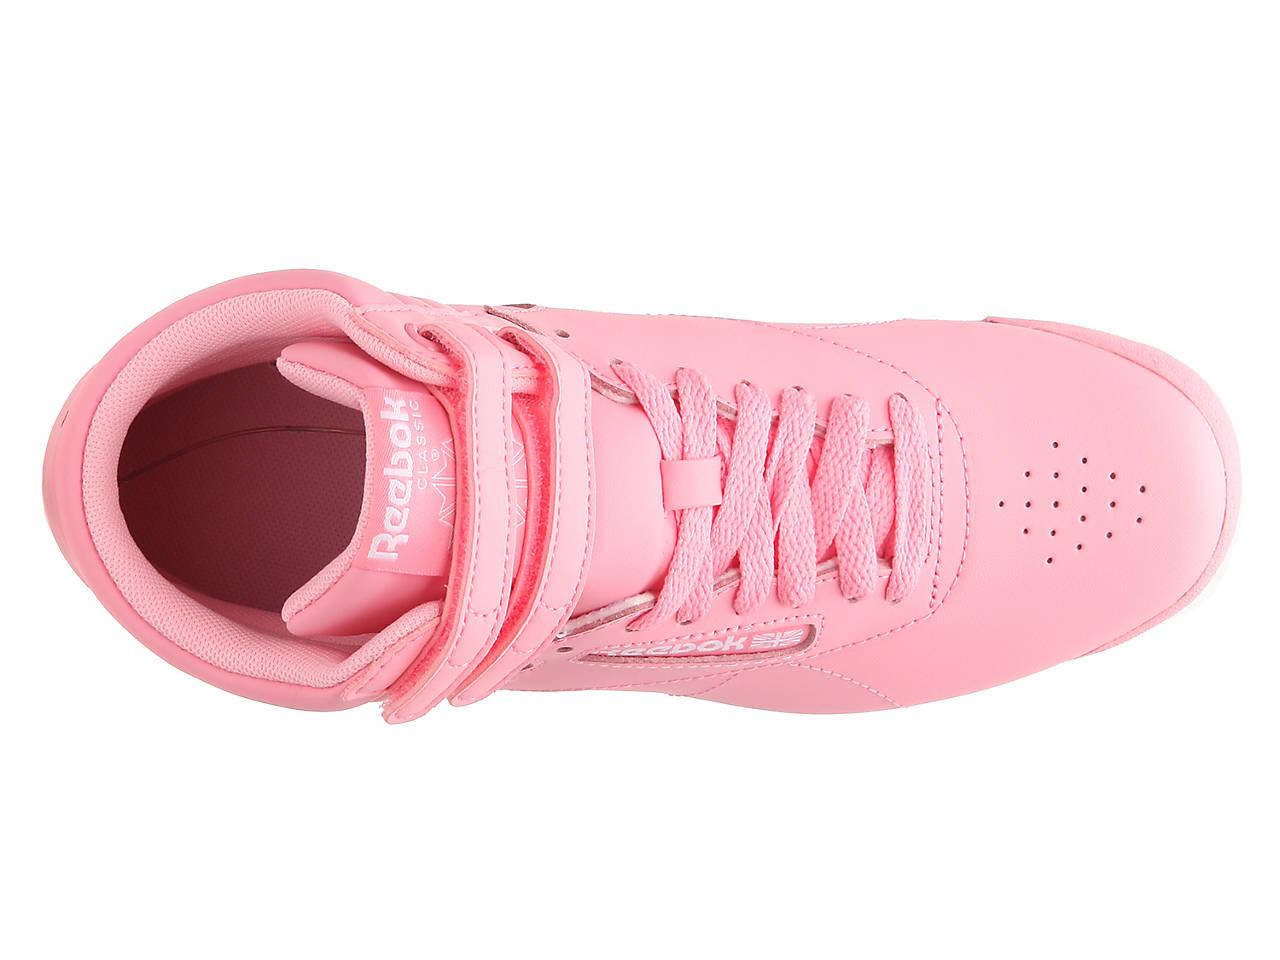 a0d6dd06 Freestyle Hi High-Top Sneaker - Women's